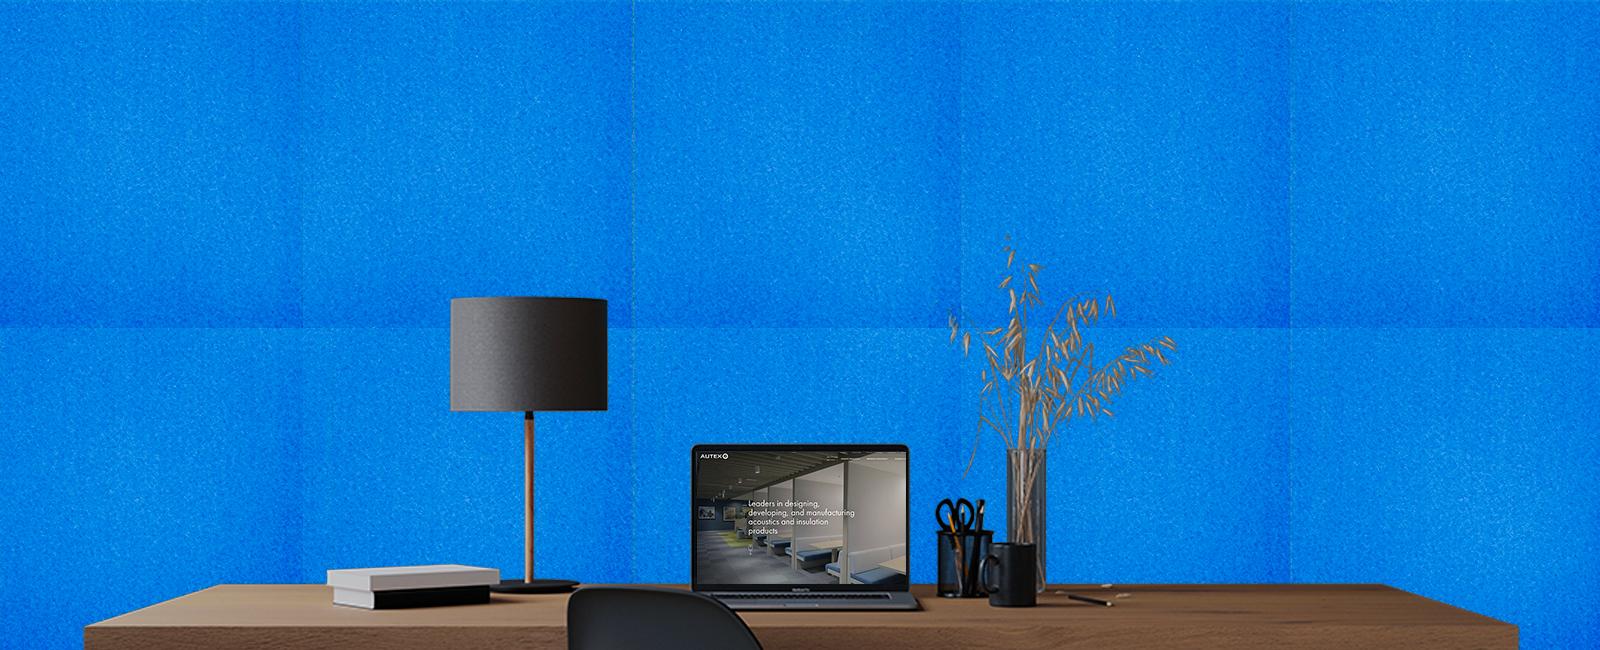 Autex Composition Peel 'n' Stick Tiles | Electric Blue